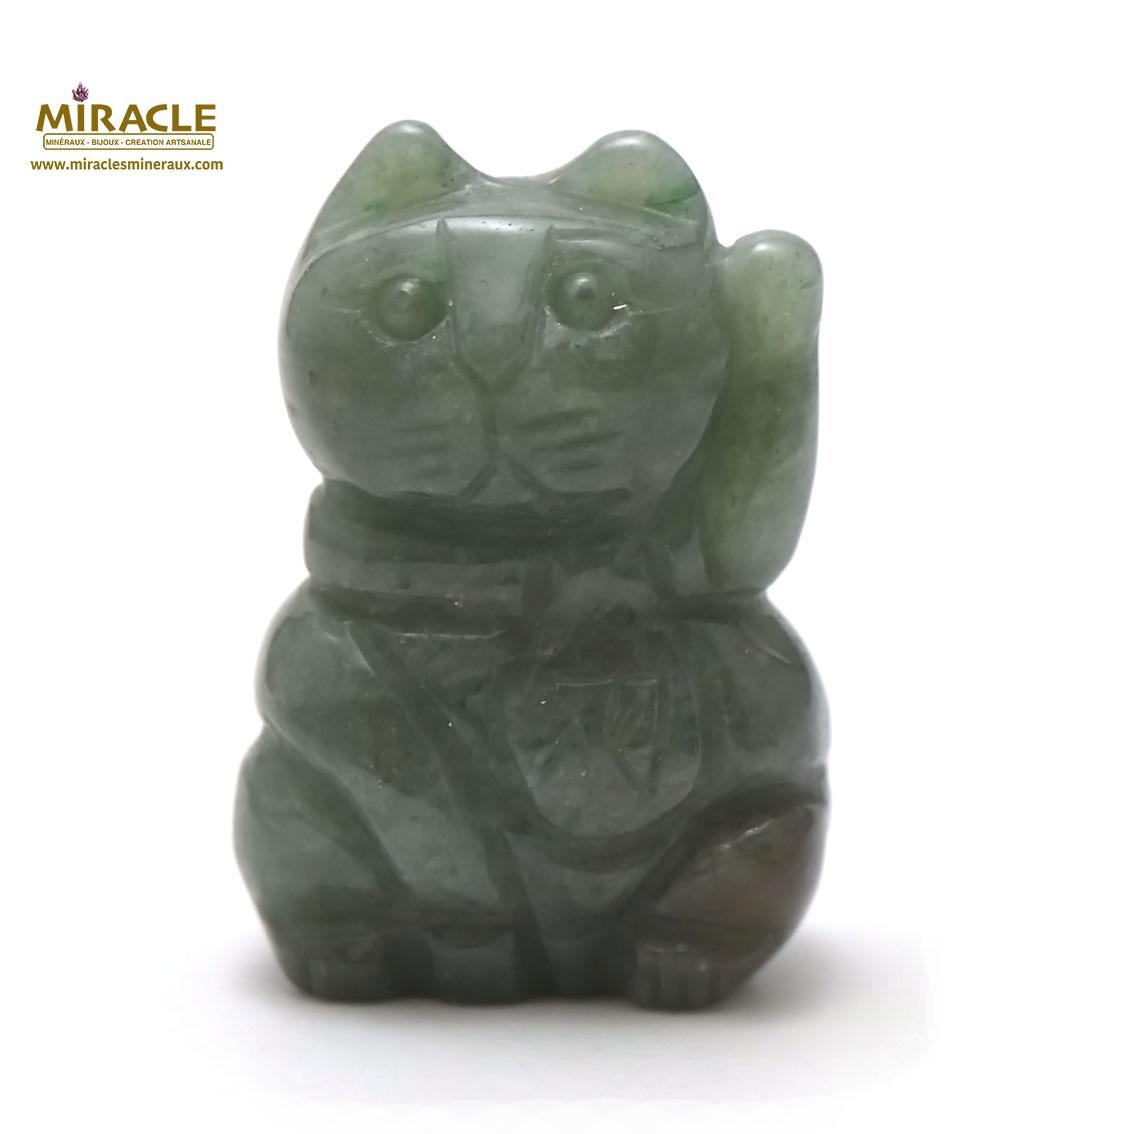 Magnifique statuette chat de fortune en pierre naturelle d\'aventurine